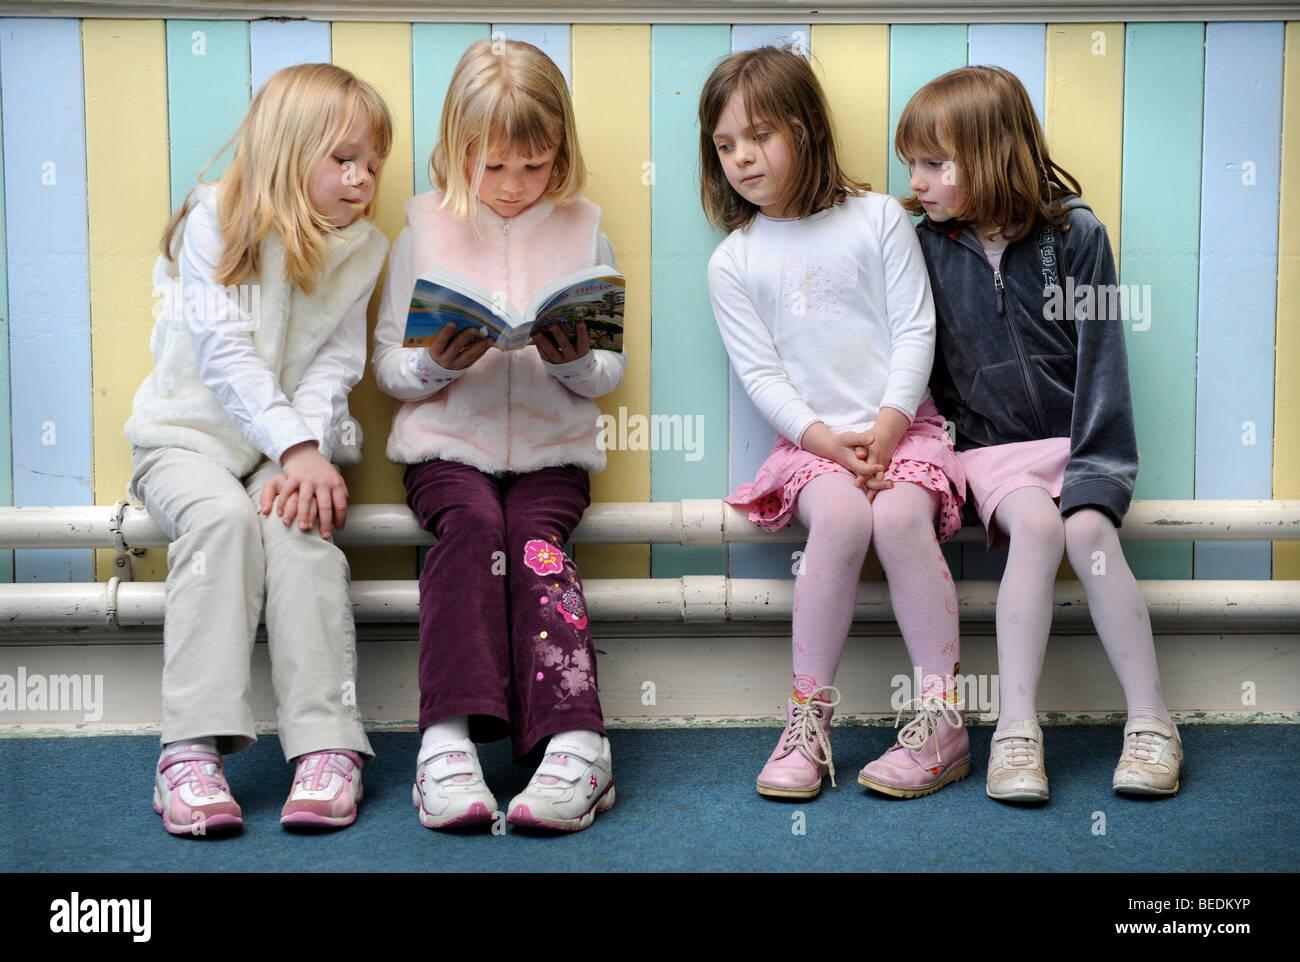 Un GROUPE DE QUATRE FILLES LA LECTURE D'UNE BIBLE ENSEMBLE À UNE ÉCOLE DU DIMANCHE UK Photo Stock